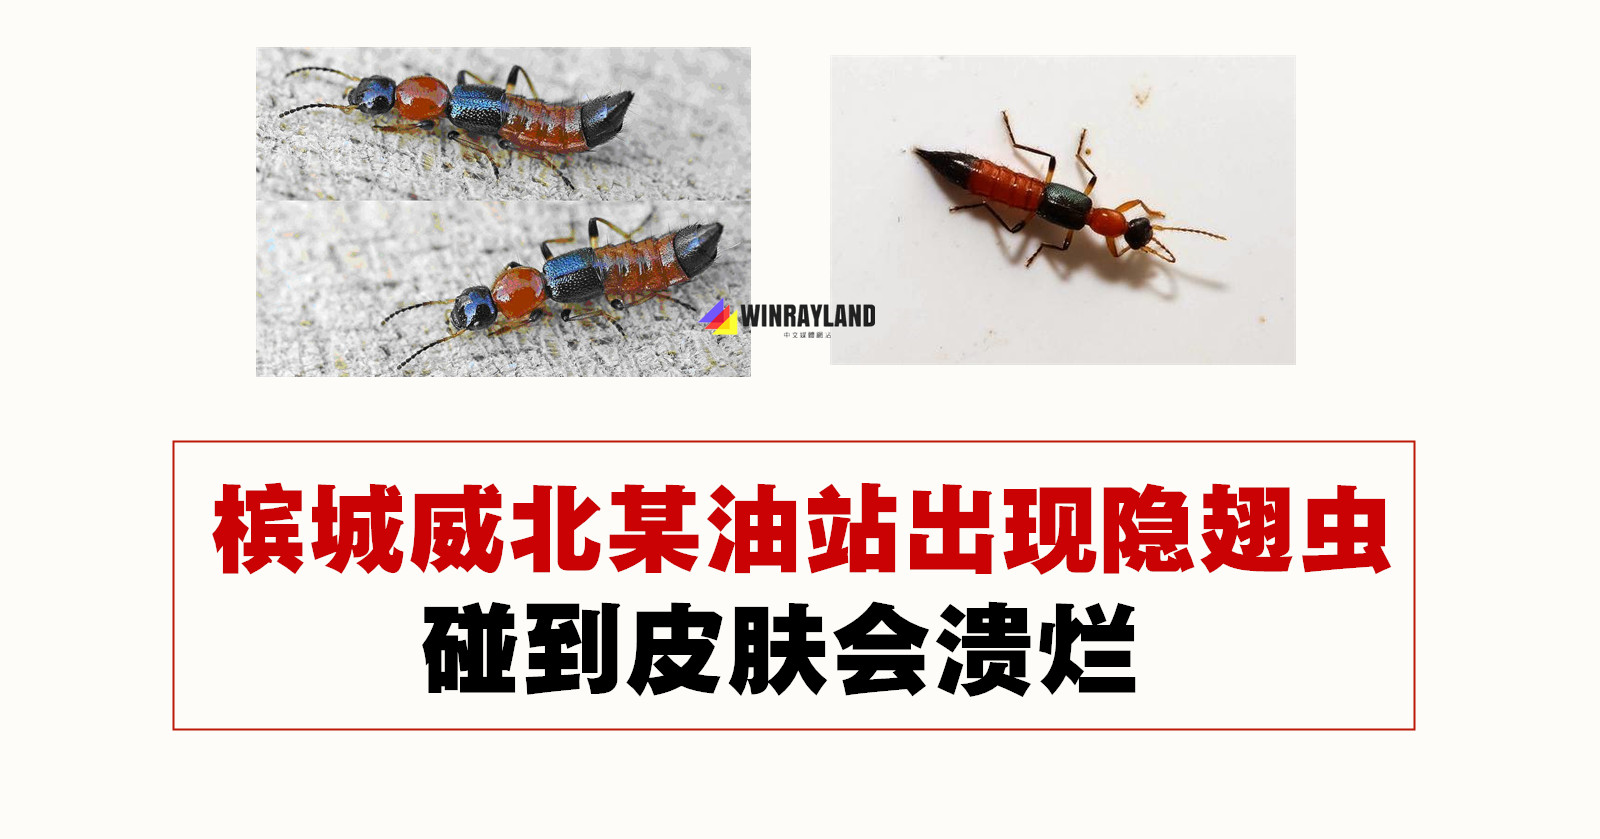 槟城威北某油站出现隐翅虫,碰到皮肤会溃烂